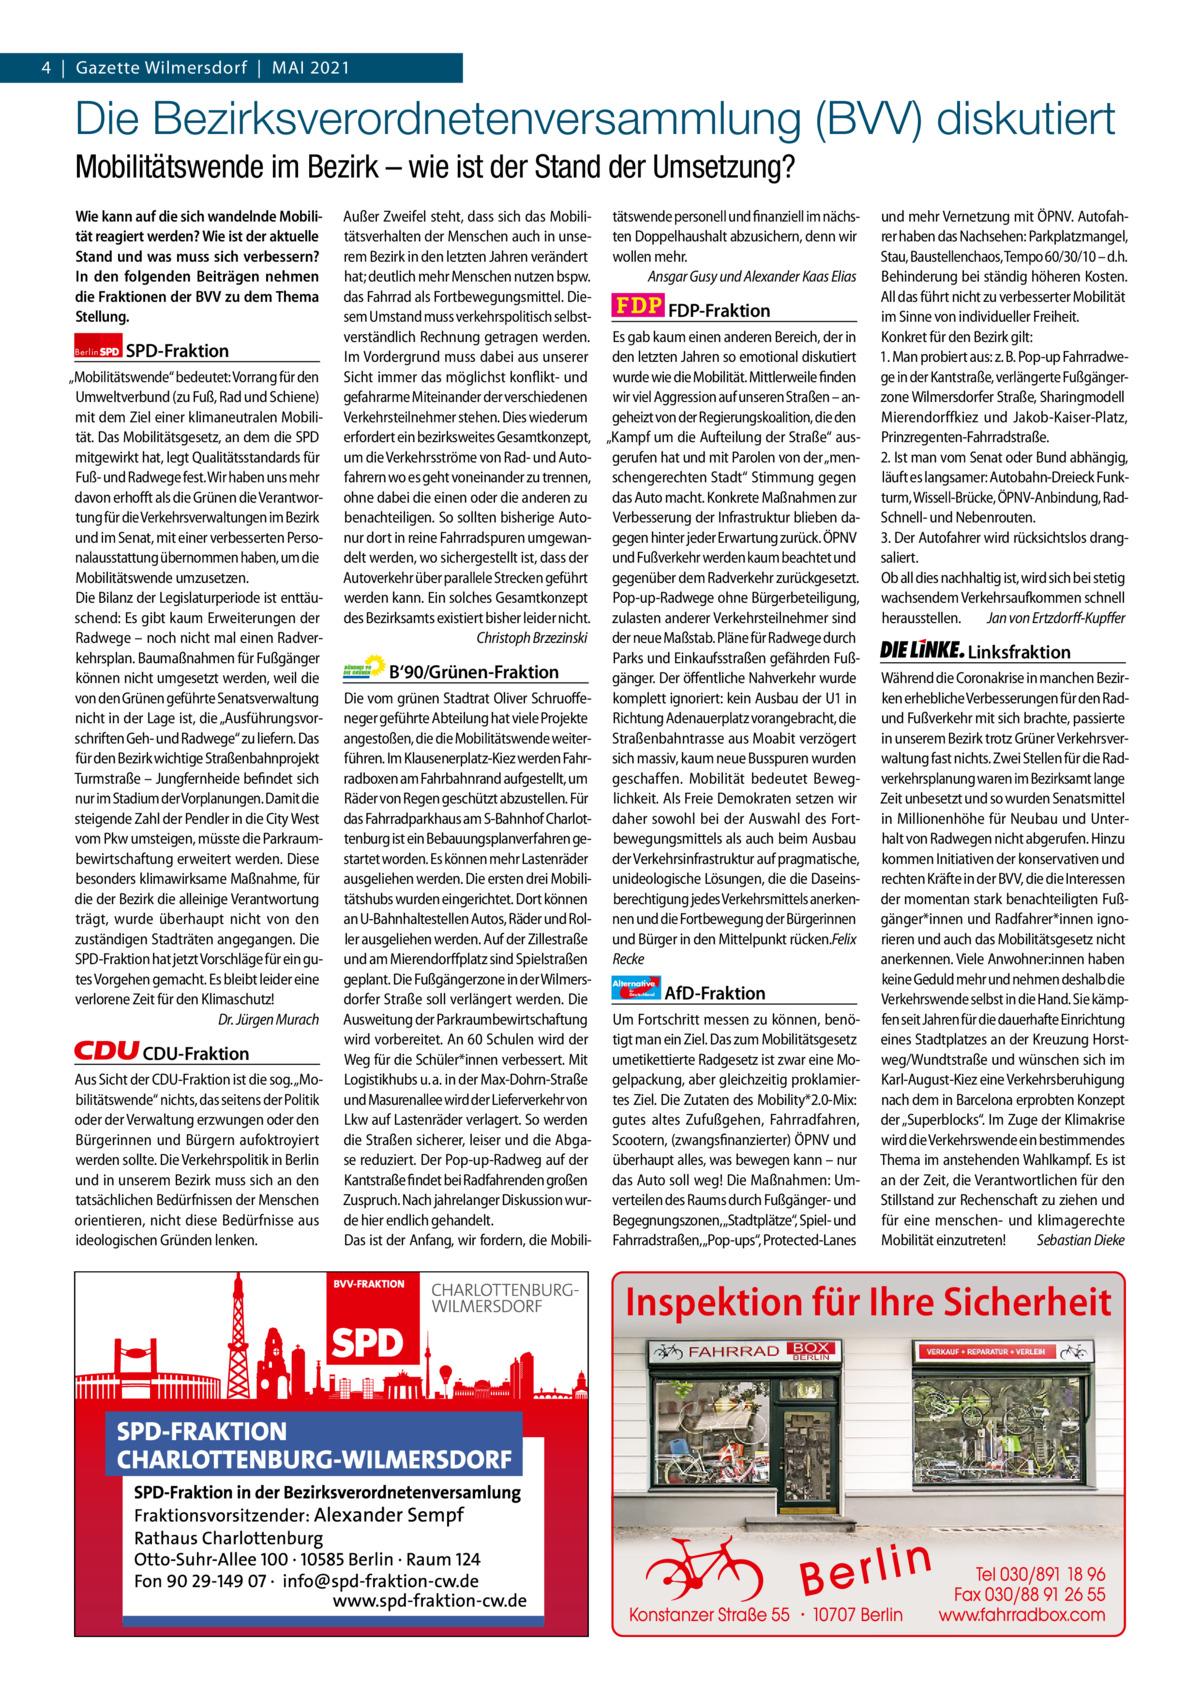 """Gazette Charlottenburg & Wilmersdorf 5 4 Gazette Wilmersdorf Mai 2021  www.gazette-berlin.de  Die Bezirksverordnetenversammlung (BVV) diskutiert Mobilitätswende im Bezirk – wie ist der Stand der Umsetzung? Wie kann auf die sich wandelnde Mobilität reagiert werden? Wie ist der aktuelle Stand und was muss sich verbessern? In den folgenden Beiträgen nehmen die Fraktionen der BVV zu dem Thema Stellung. Berlin  SPD-Fraktion  """"Mobilitätswende"""" bedeutet: Vorrang für den Umweltverbund (zu Fuß, Rad und Schiene) mit dem Ziel einer klimaneutralen Mobilität. Das Mobilitätsgesetz, an dem die SPD mitgewirkt hat, legt Qualitätsstandards für Fuß- und Radwege fest. Wir haben uns mehr davon erhofft als die Grünen die Verantwortung für die Verkehrsverwaltungen im Bezirk und im Senat, mit einer verbesserten Personalausstattung übernommen haben, um die Mobilitätswende umzusetzen. Die Bilanz der Legislaturperiode ist enttäuschend: Es gibt kaum Erweiterungen der Radwege – noch nicht mal einen Radverkehrsplan. Baumaßnahmen für Fußgänger können nicht umgesetzt werden, weil die von den Grünen geführte Senatsverwaltung nicht in der Lage ist, die """"Ausführungsvorschriften Geh- und Radwege"""" zu liefern. Das für den Bezirk wichtige Straßenbahnprojekt Turmstraße – Jungfernheide befindet sich nur im Stadium der Vorplanungen. Damit die steigende Zahl der Pendler in die City West vom Pkw umsteigen, müsste die Parkraumbewirtschaftung erweitert werden. Diese besonders klimawirksame Maßnahme, für die der Bezirk die alleinige Verantwortung trägt, wurde überhaupt nicht von den zuständigen Stadträten angegangen. Die SPD-Fraktion hat jetzt Vorschläge für ein gutes Vorgehen gemacht. Es bleibt leider eine verlorene Zeit für den Klimaschutz! Dr.Jürgen Murach  CDU-Fraktion Aus Sicht der CDU-Fraktion ist die sog. """"Mobilitätswende"""" nichts, das seitens der Politik oder der Verwaltung erzwungen oder den Bürgerinnen und Bürgern aufoktroyiert werden sollte. Die Verkehrspolitik in Berlin und in unserem Bezirk muss sich"""